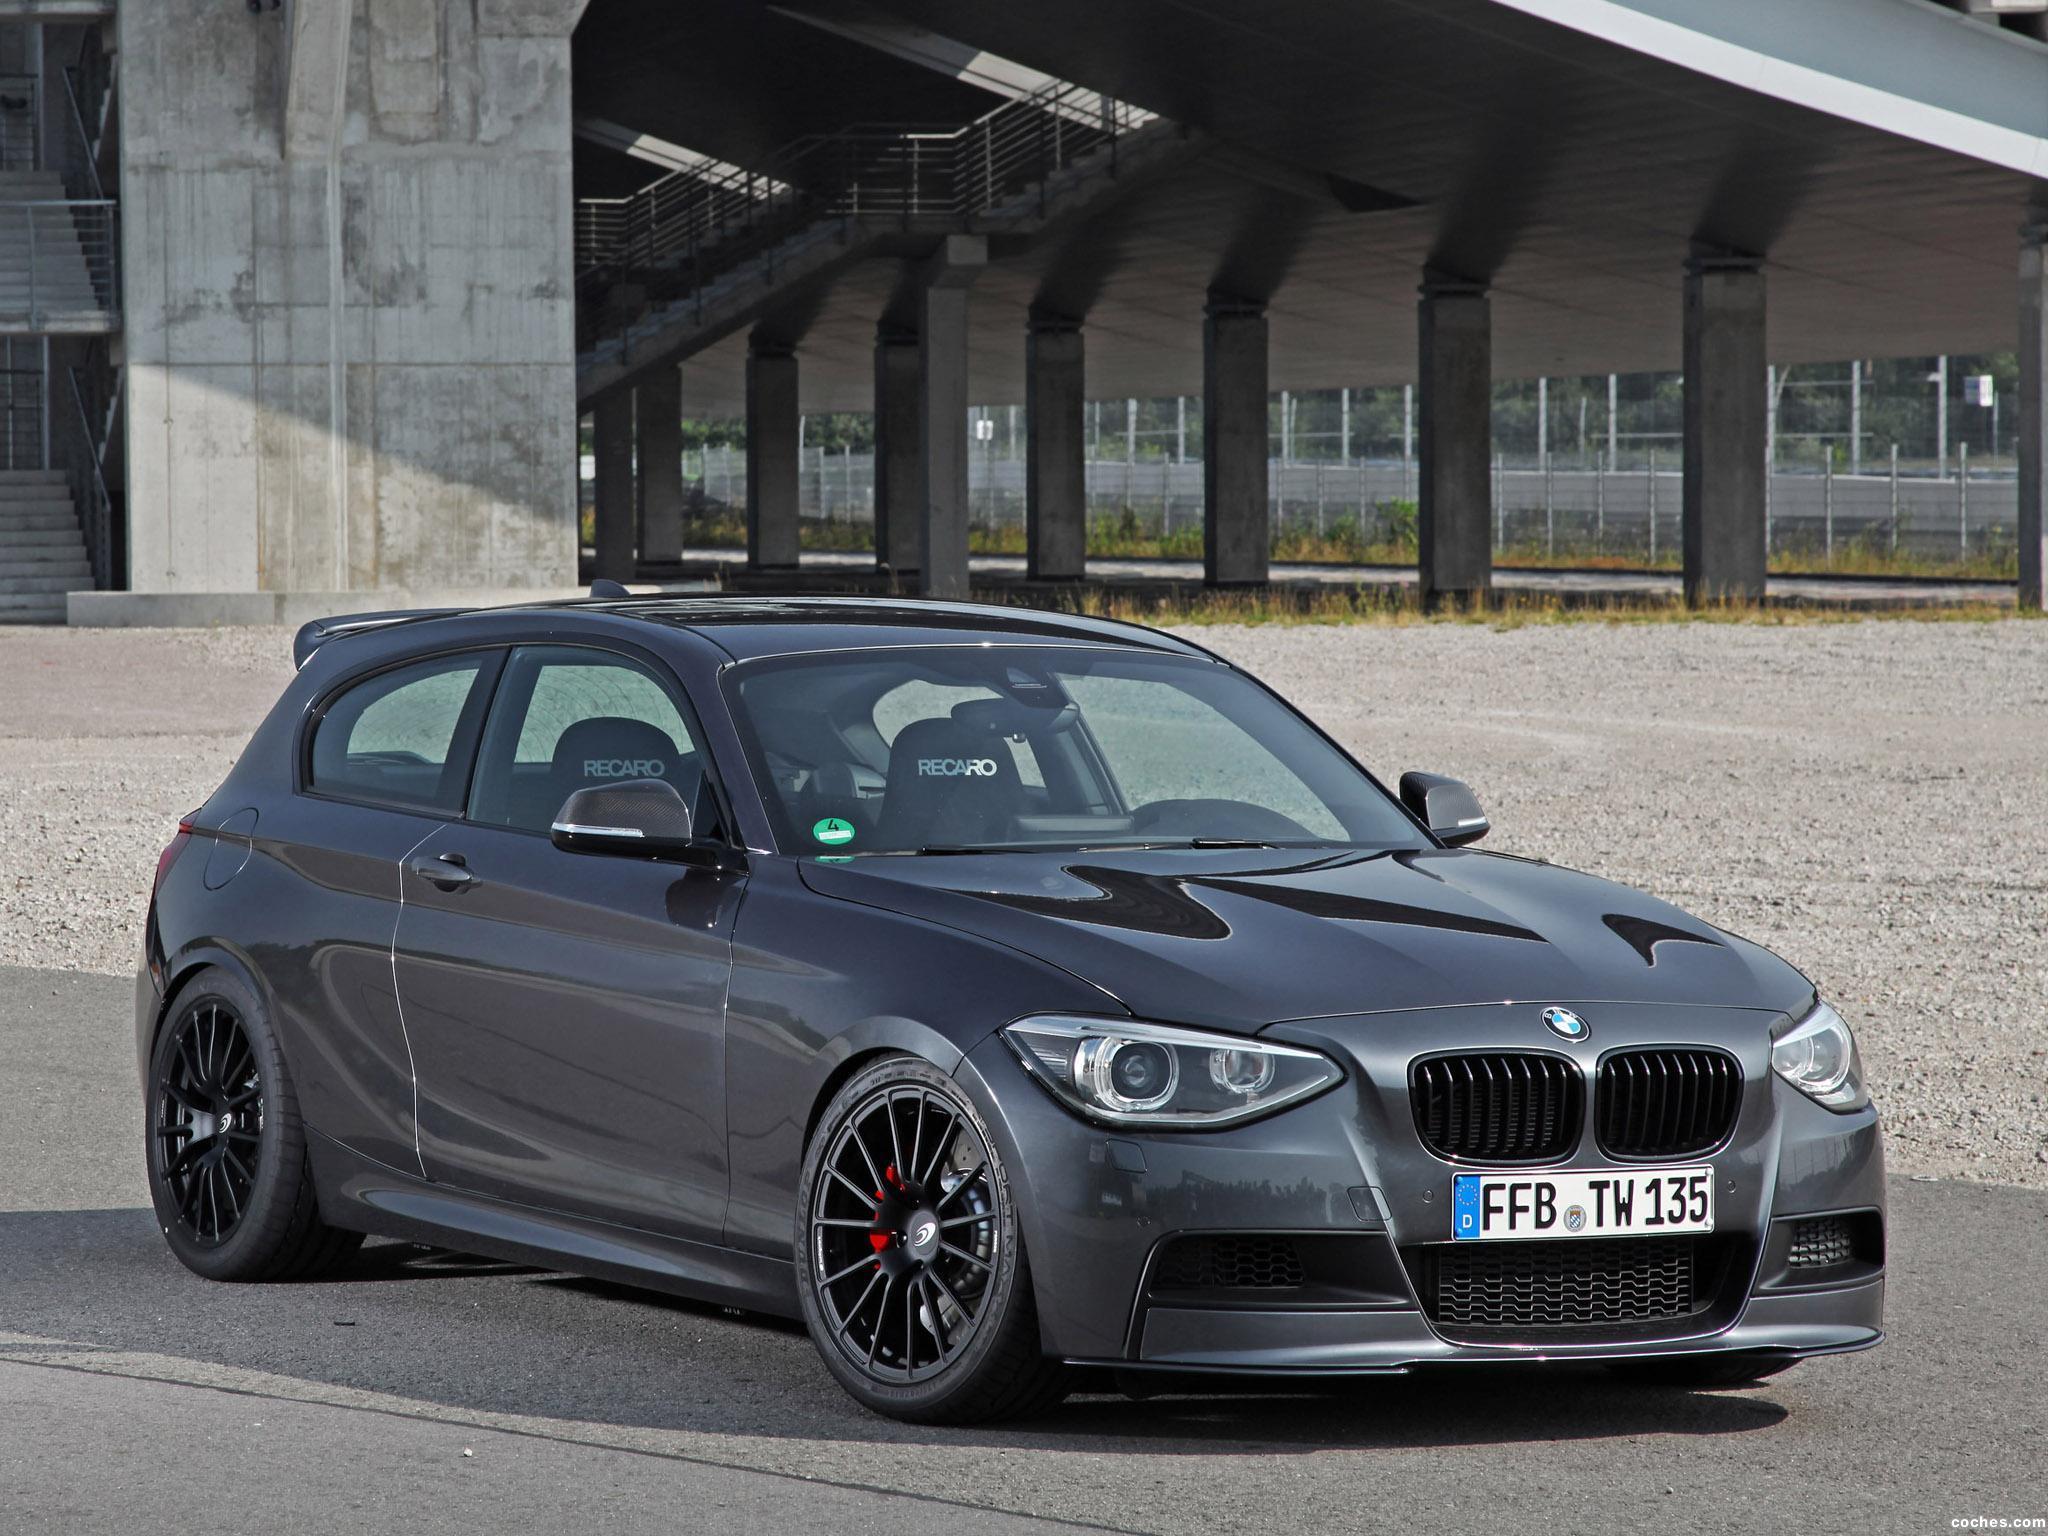 Foto 0 de BMW Serie 1 M135i by Tuningwerk 2013